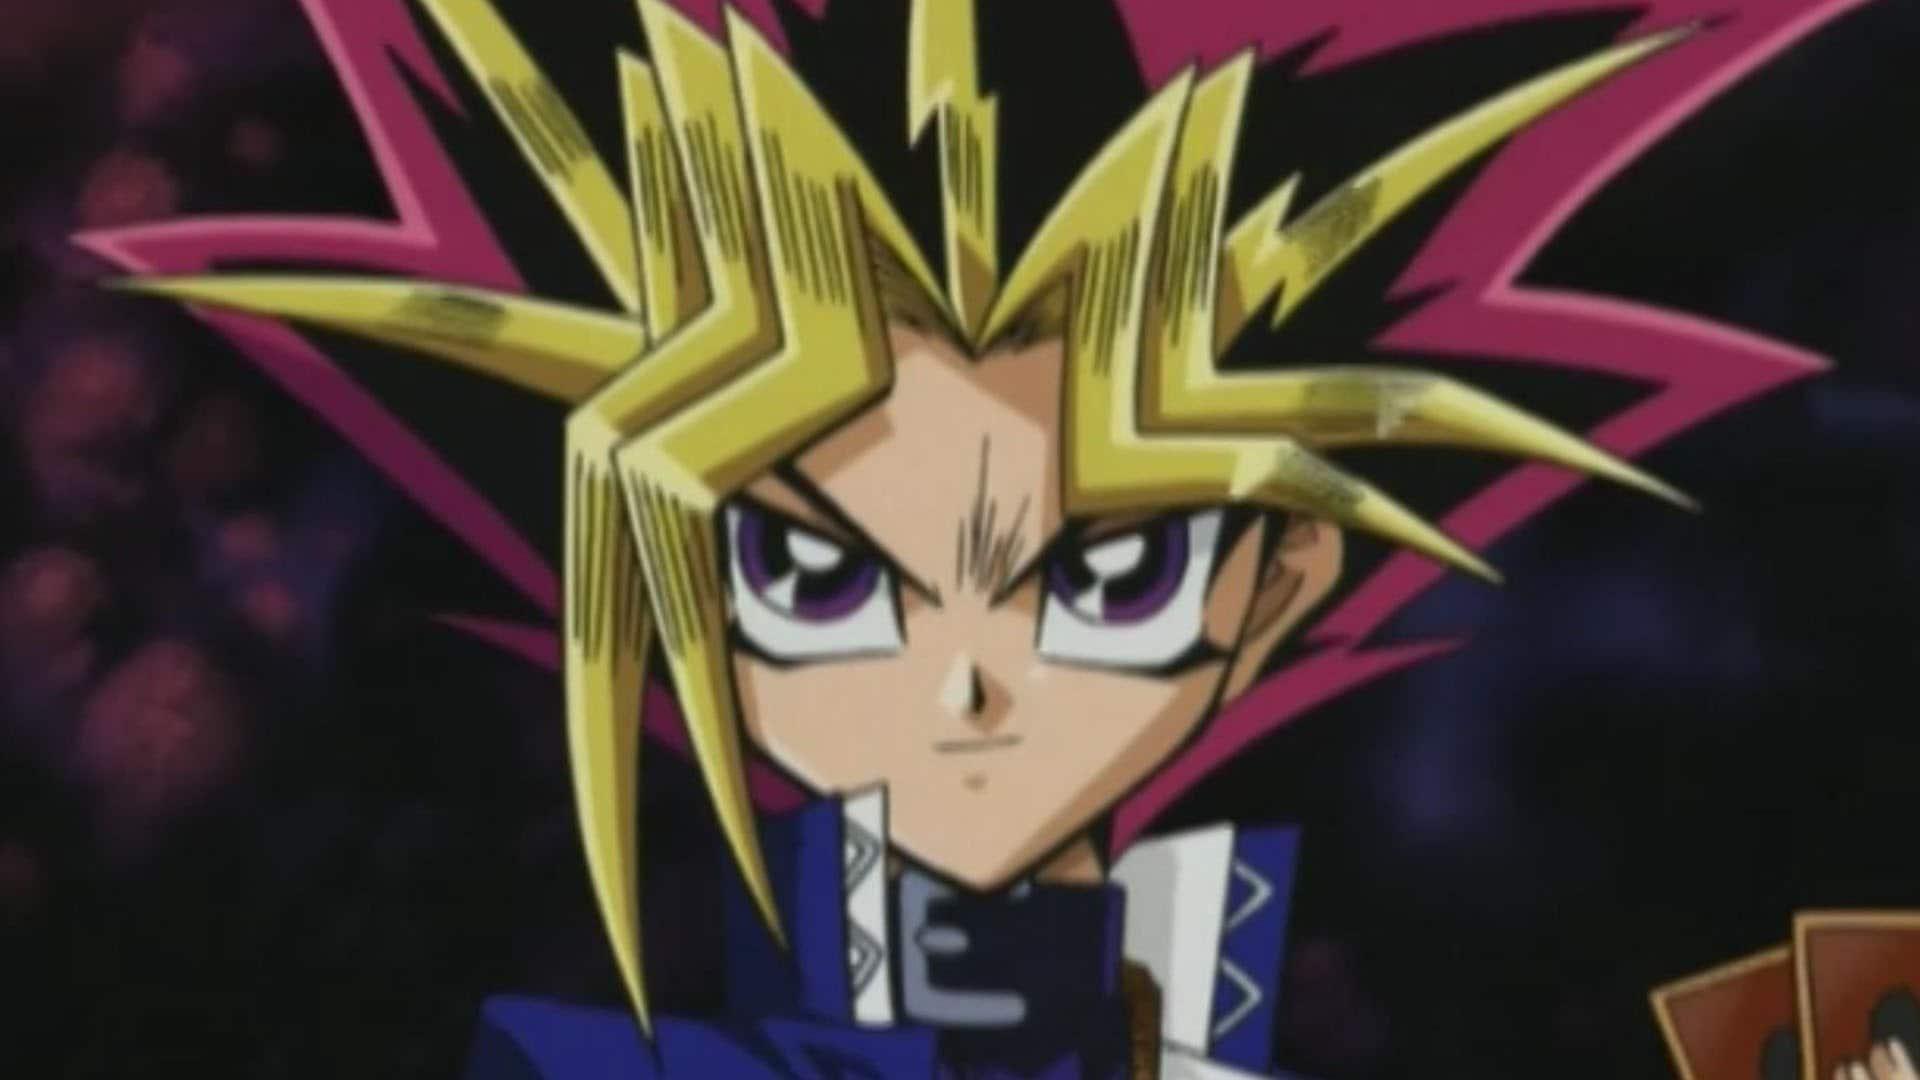 Yugi vs. Pegasus: Match of the MillenniumPart 5